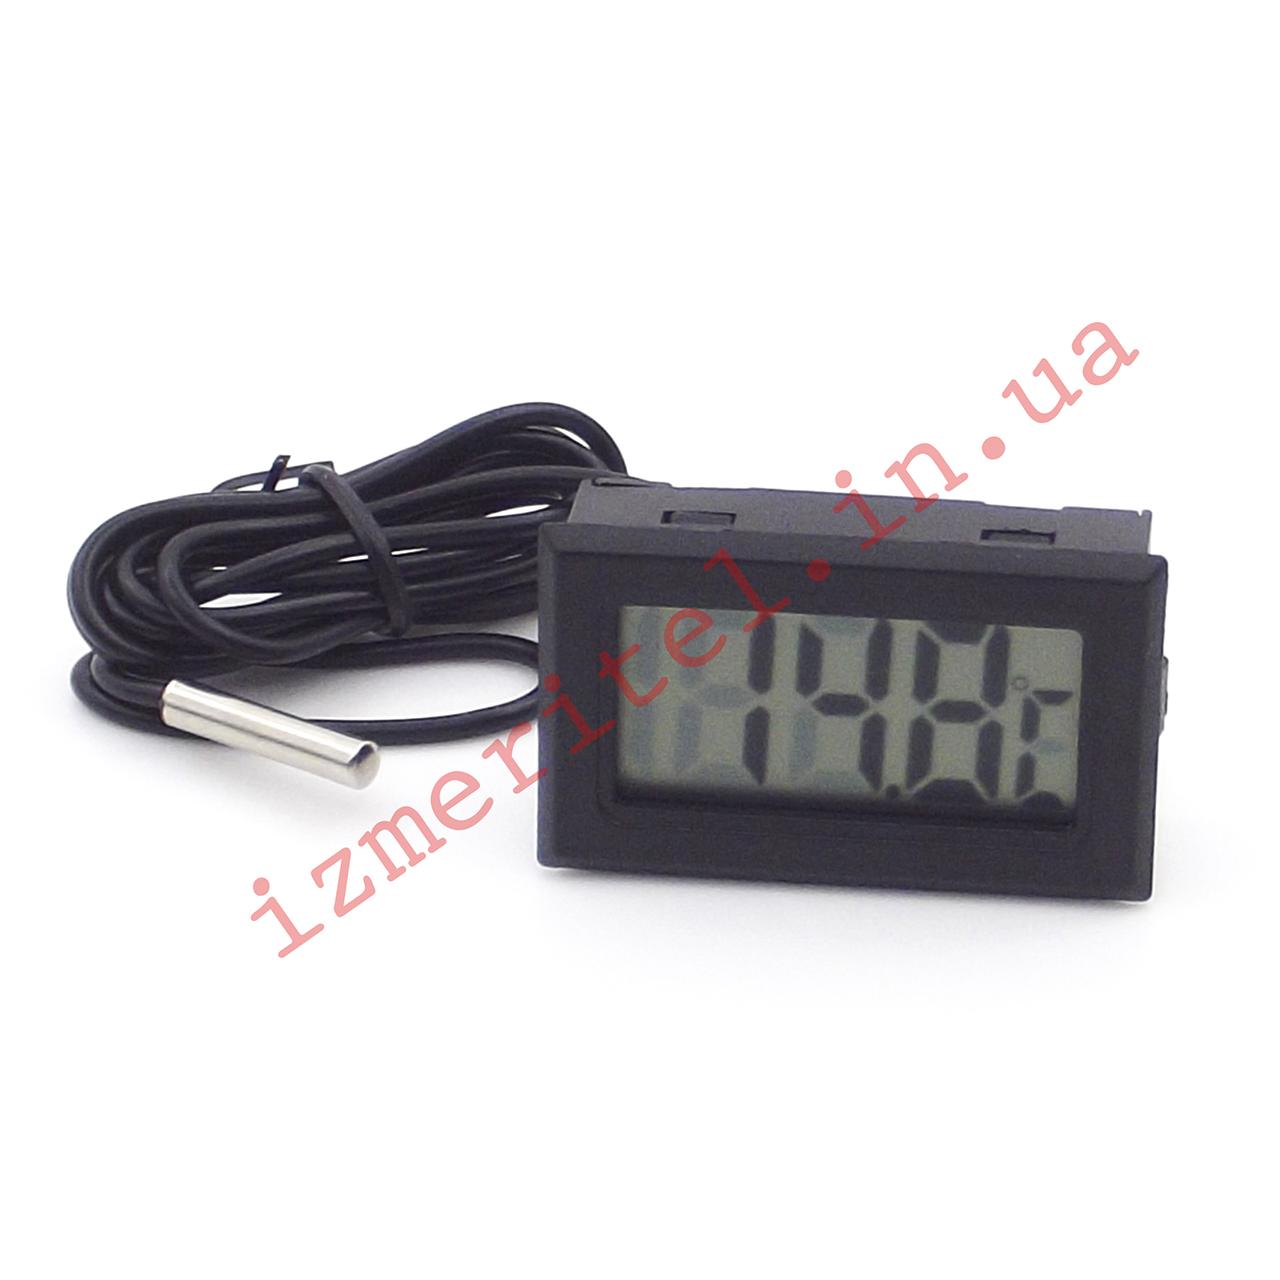 Цифровой термометр с выносным датчиком -50...+110 °С, 1 метр